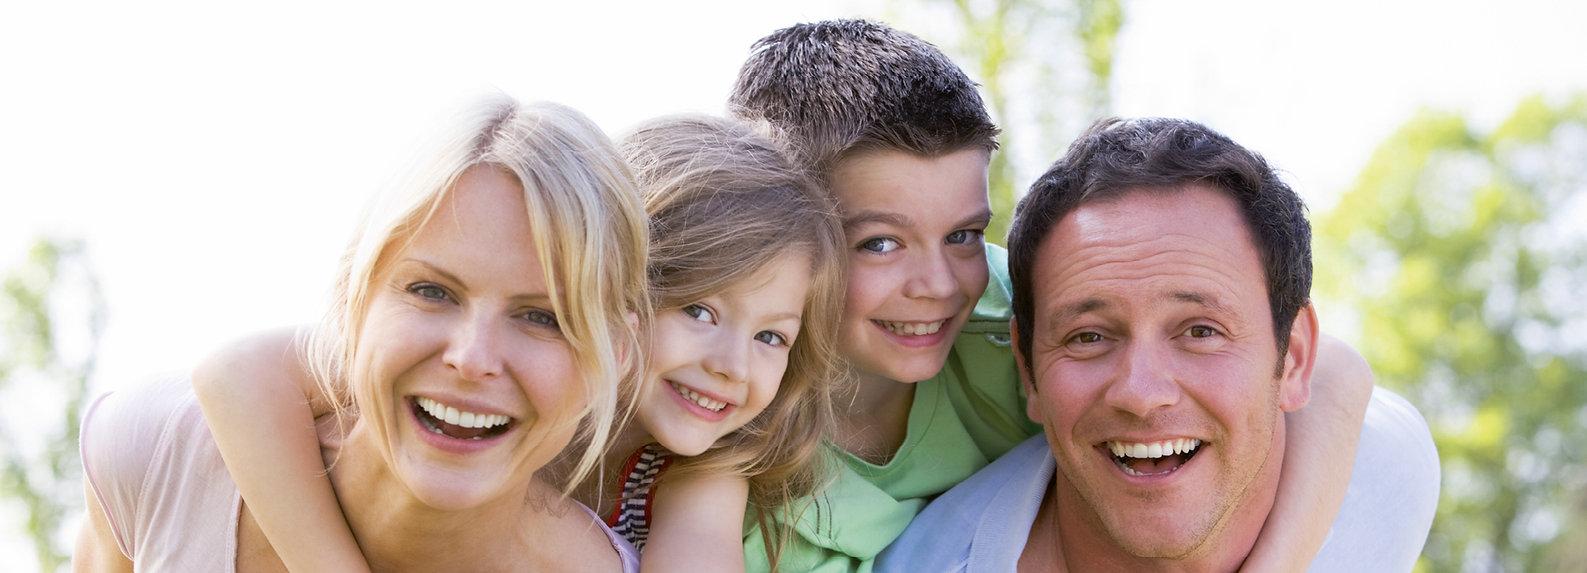 Gesundheit für die Familie